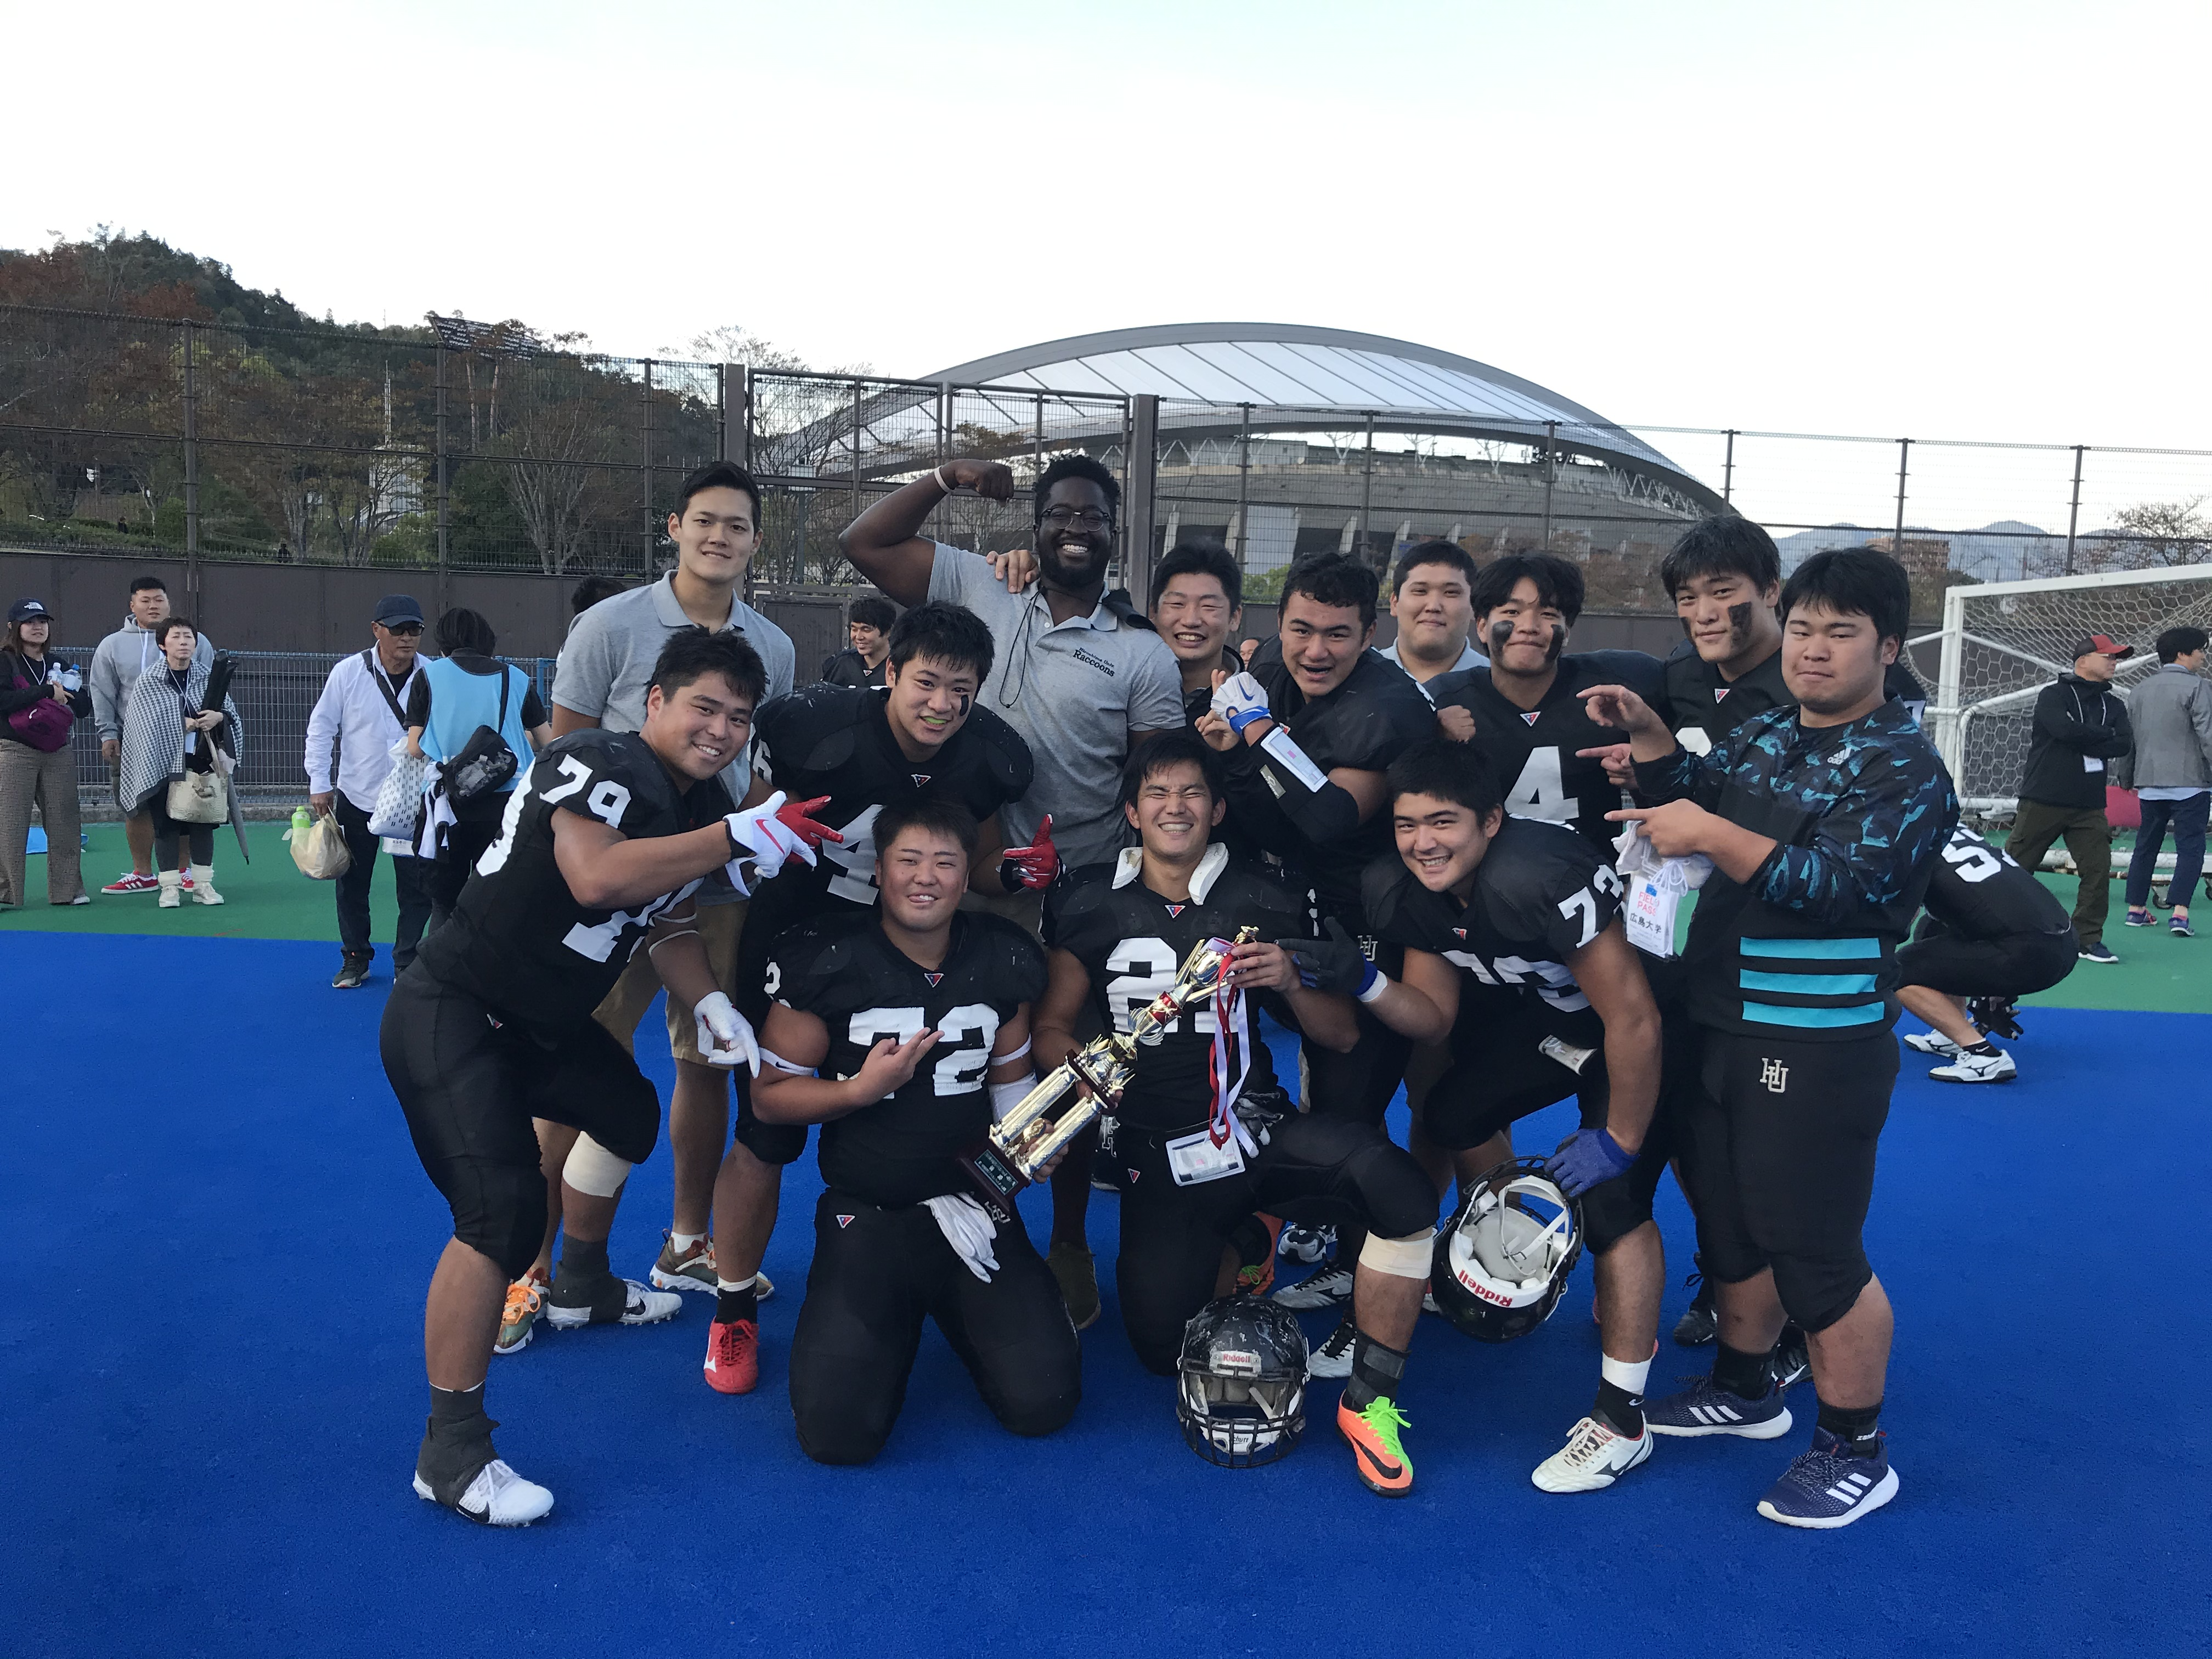 団結 [Danketsu] (Unity): Student-Athletes and International Cooperation in the wake of COVID-19 in the context of Hiroshima Japan